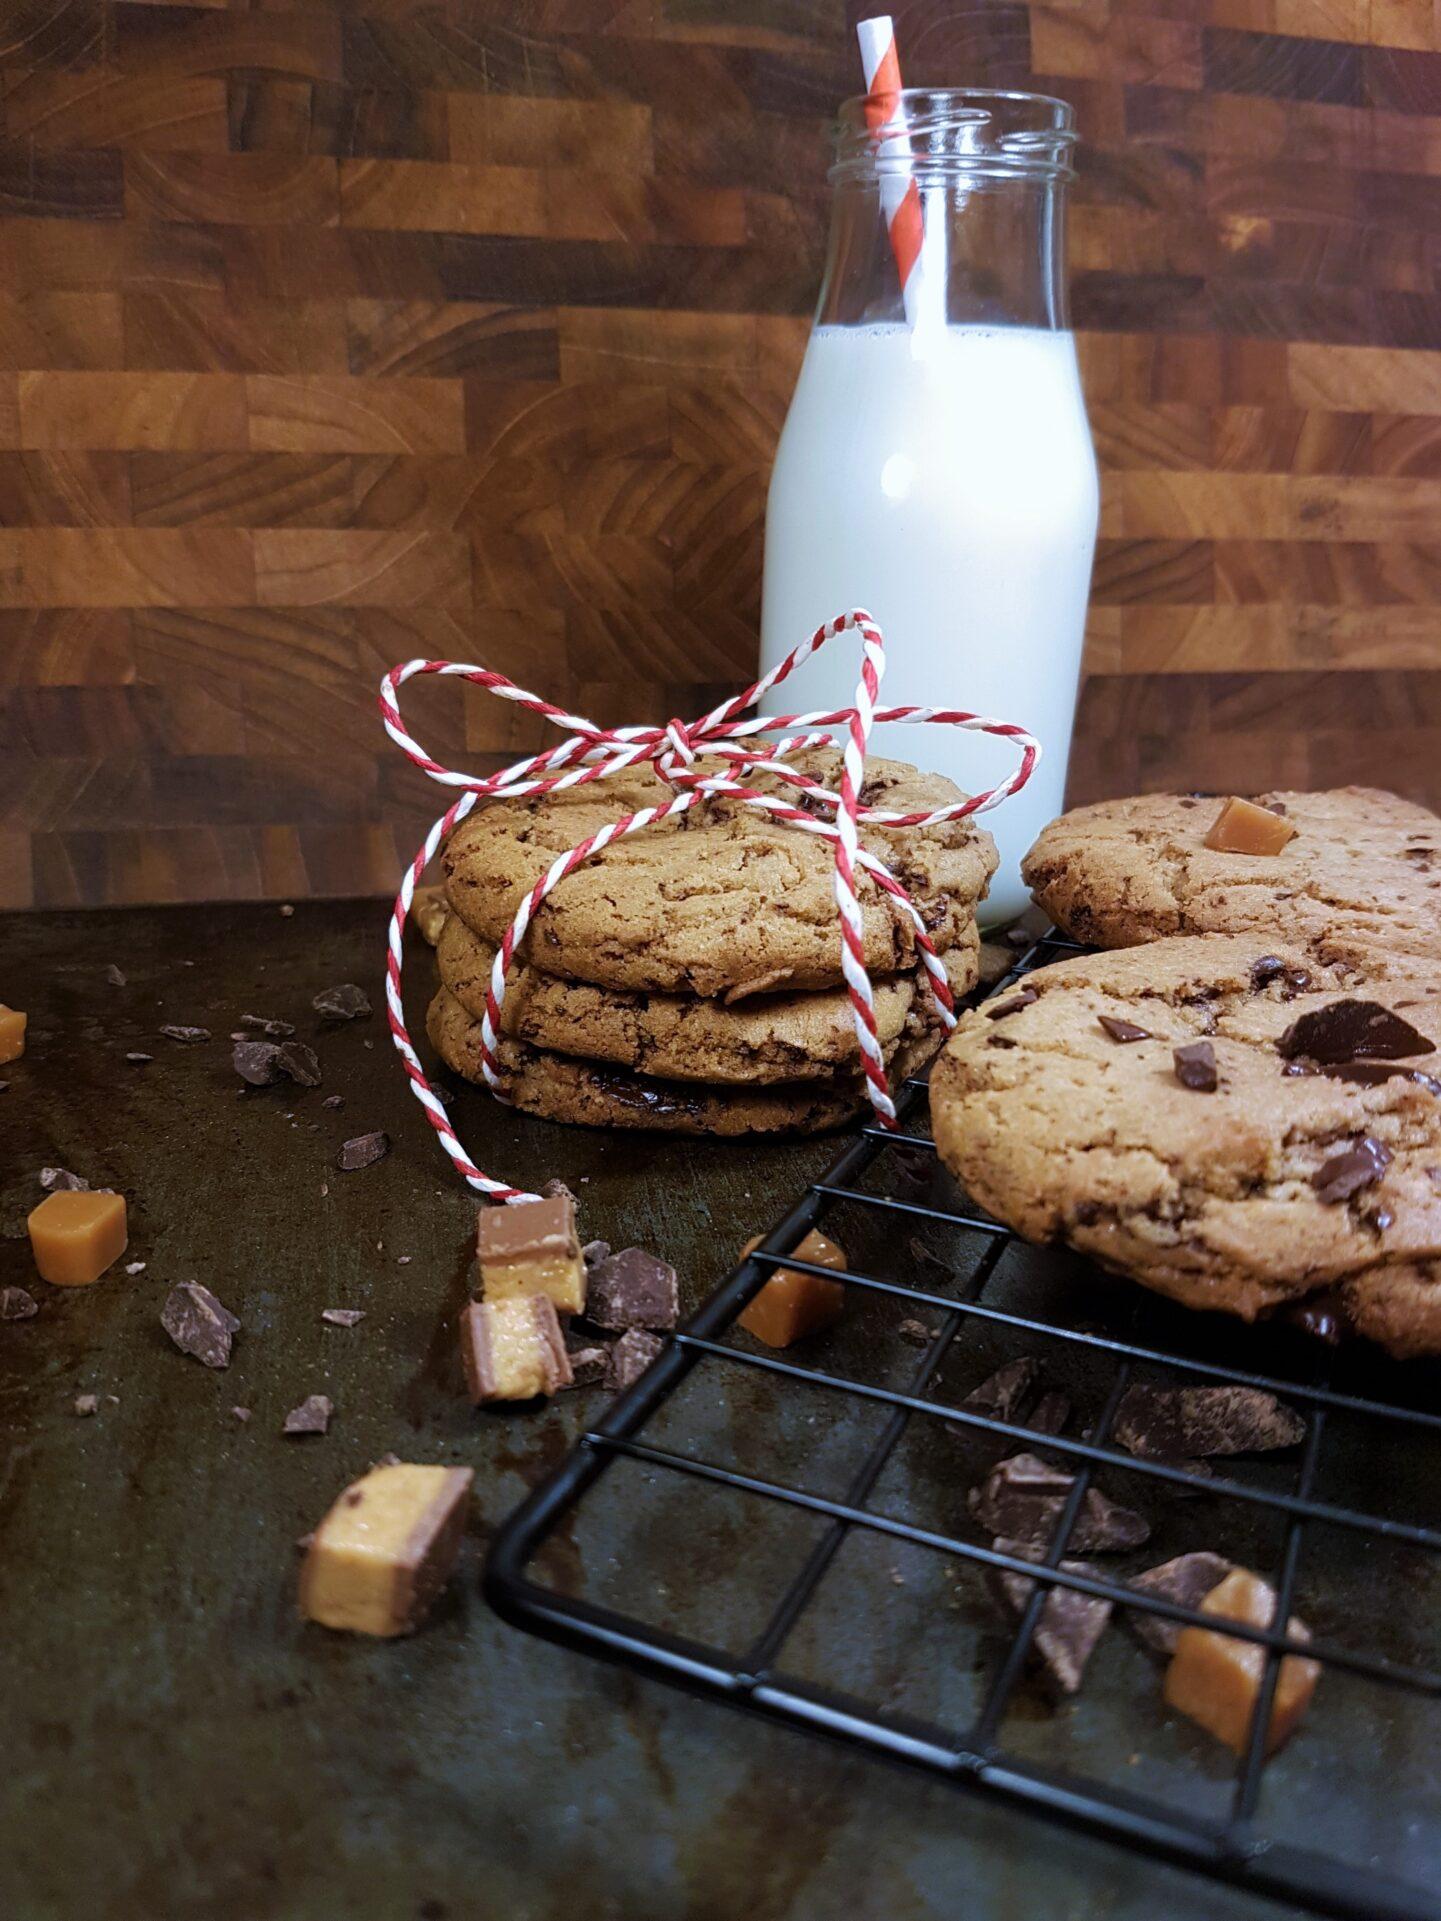 Sumbitches cookies